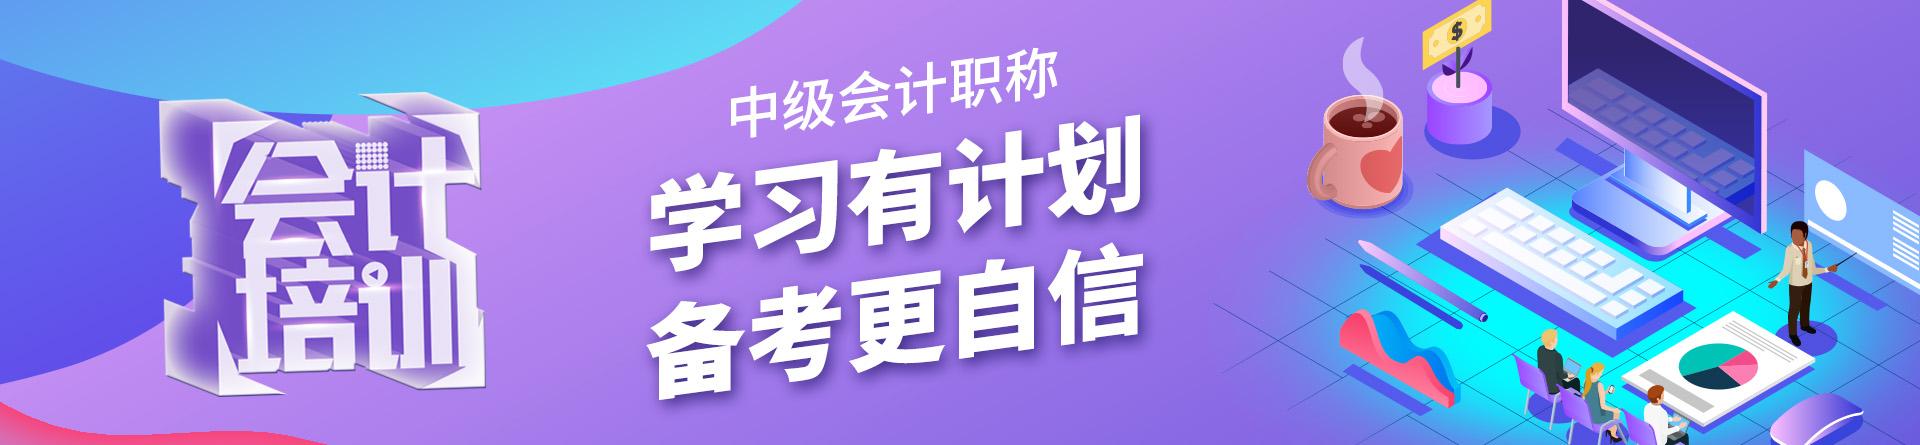 河北衡水优路教育培训学校